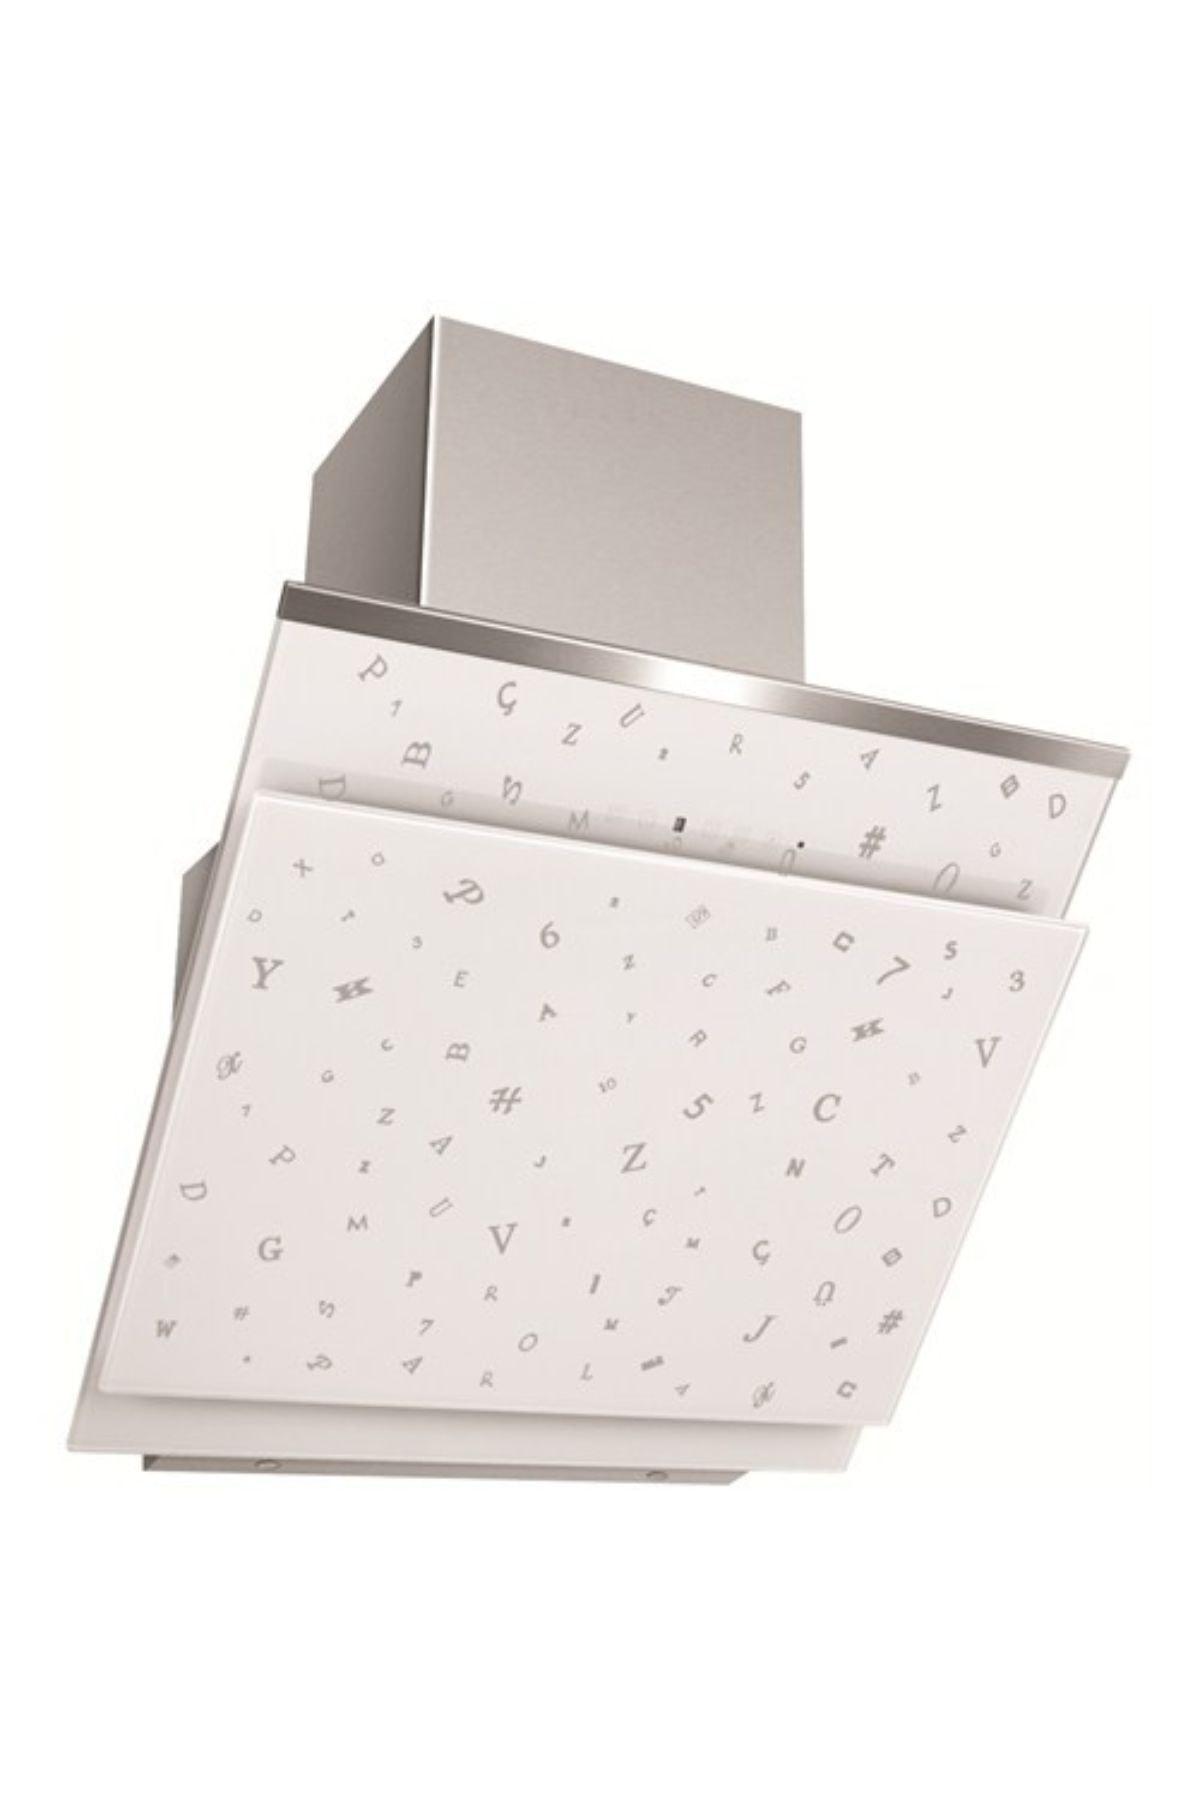 Simfer 8650 60 cm Parola Beyaz Eğik Cam Davlumbaz 1